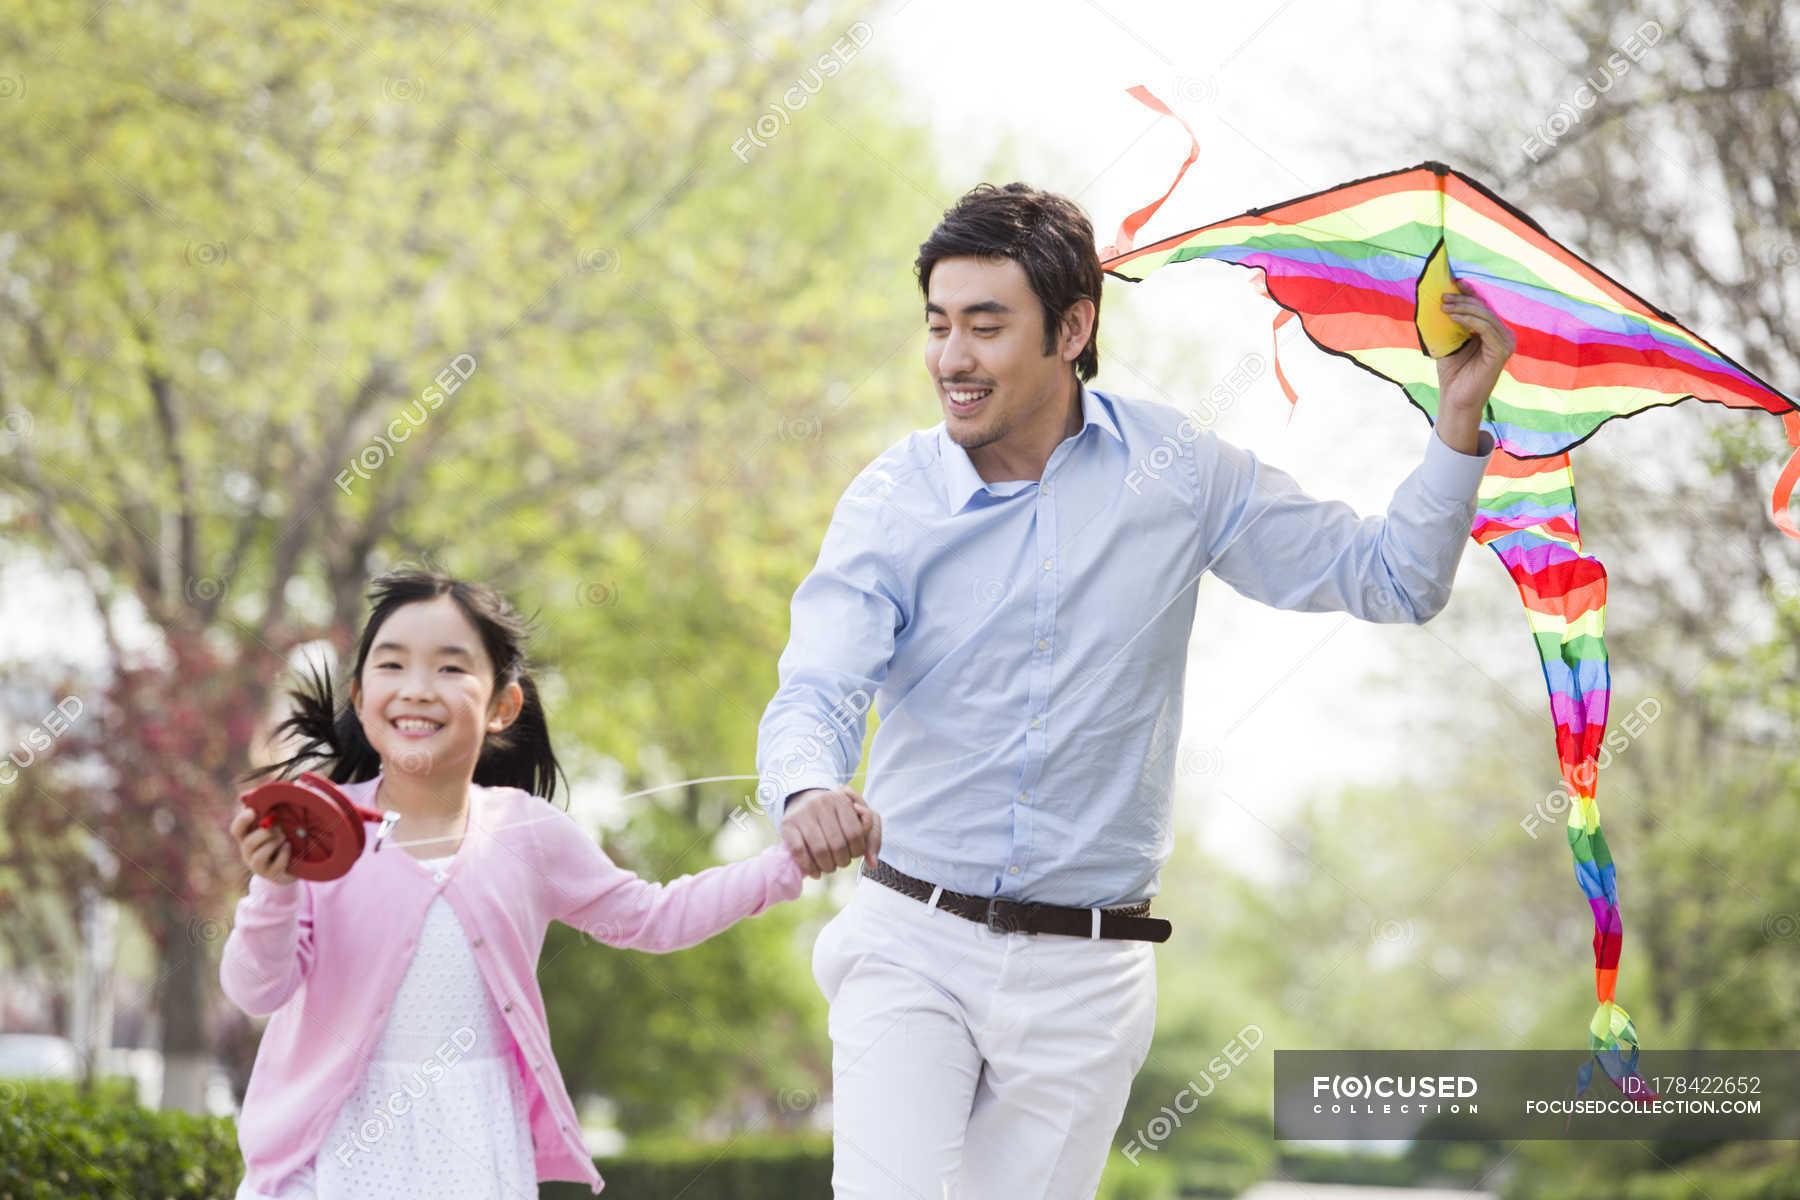 Японские шоу отец и дочь онлайн, Японское порно шоу отец должен отгадать дочь 9 фотография